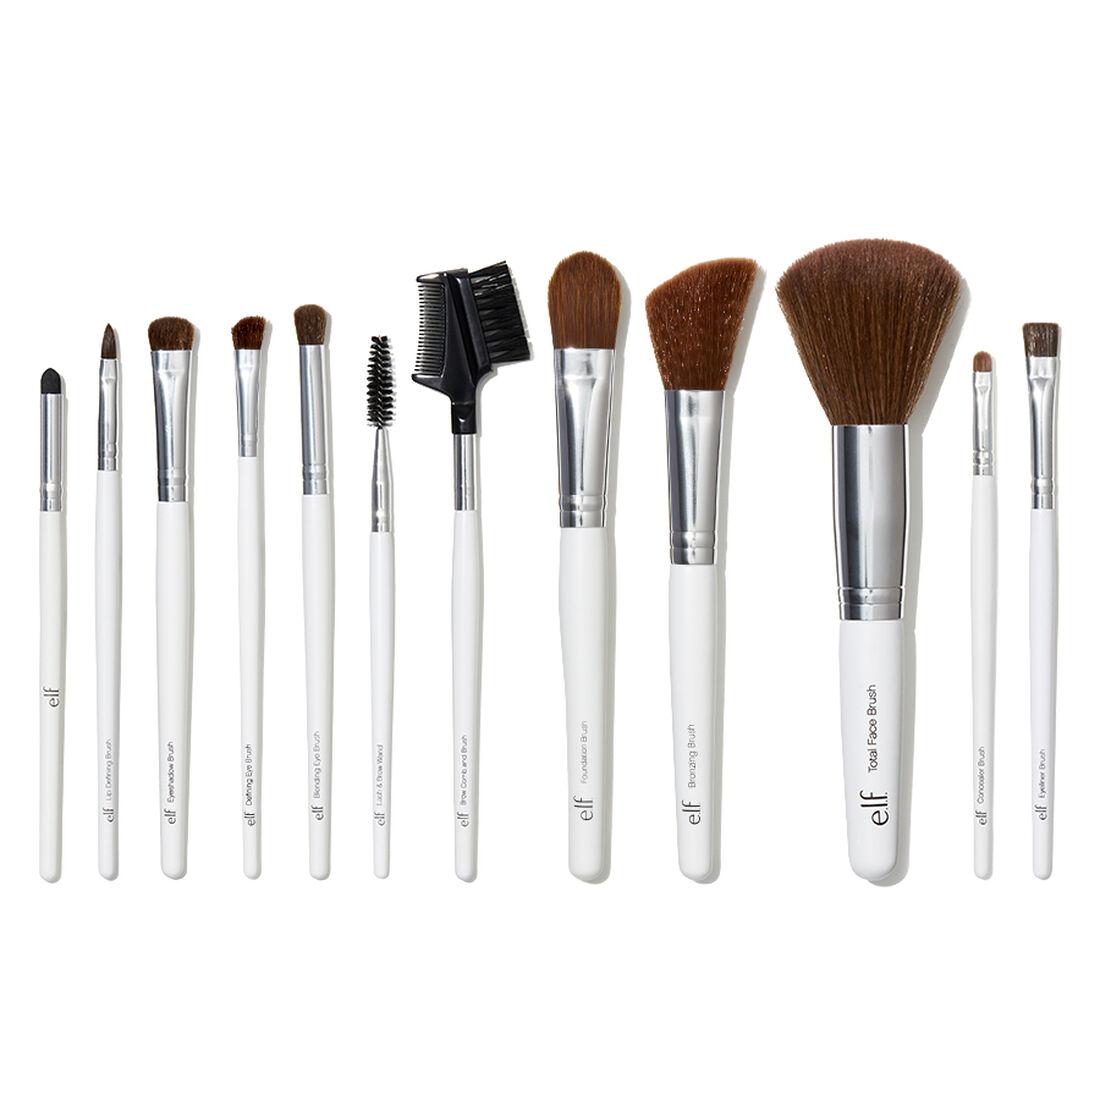 Professional Set of 12 Brushes,